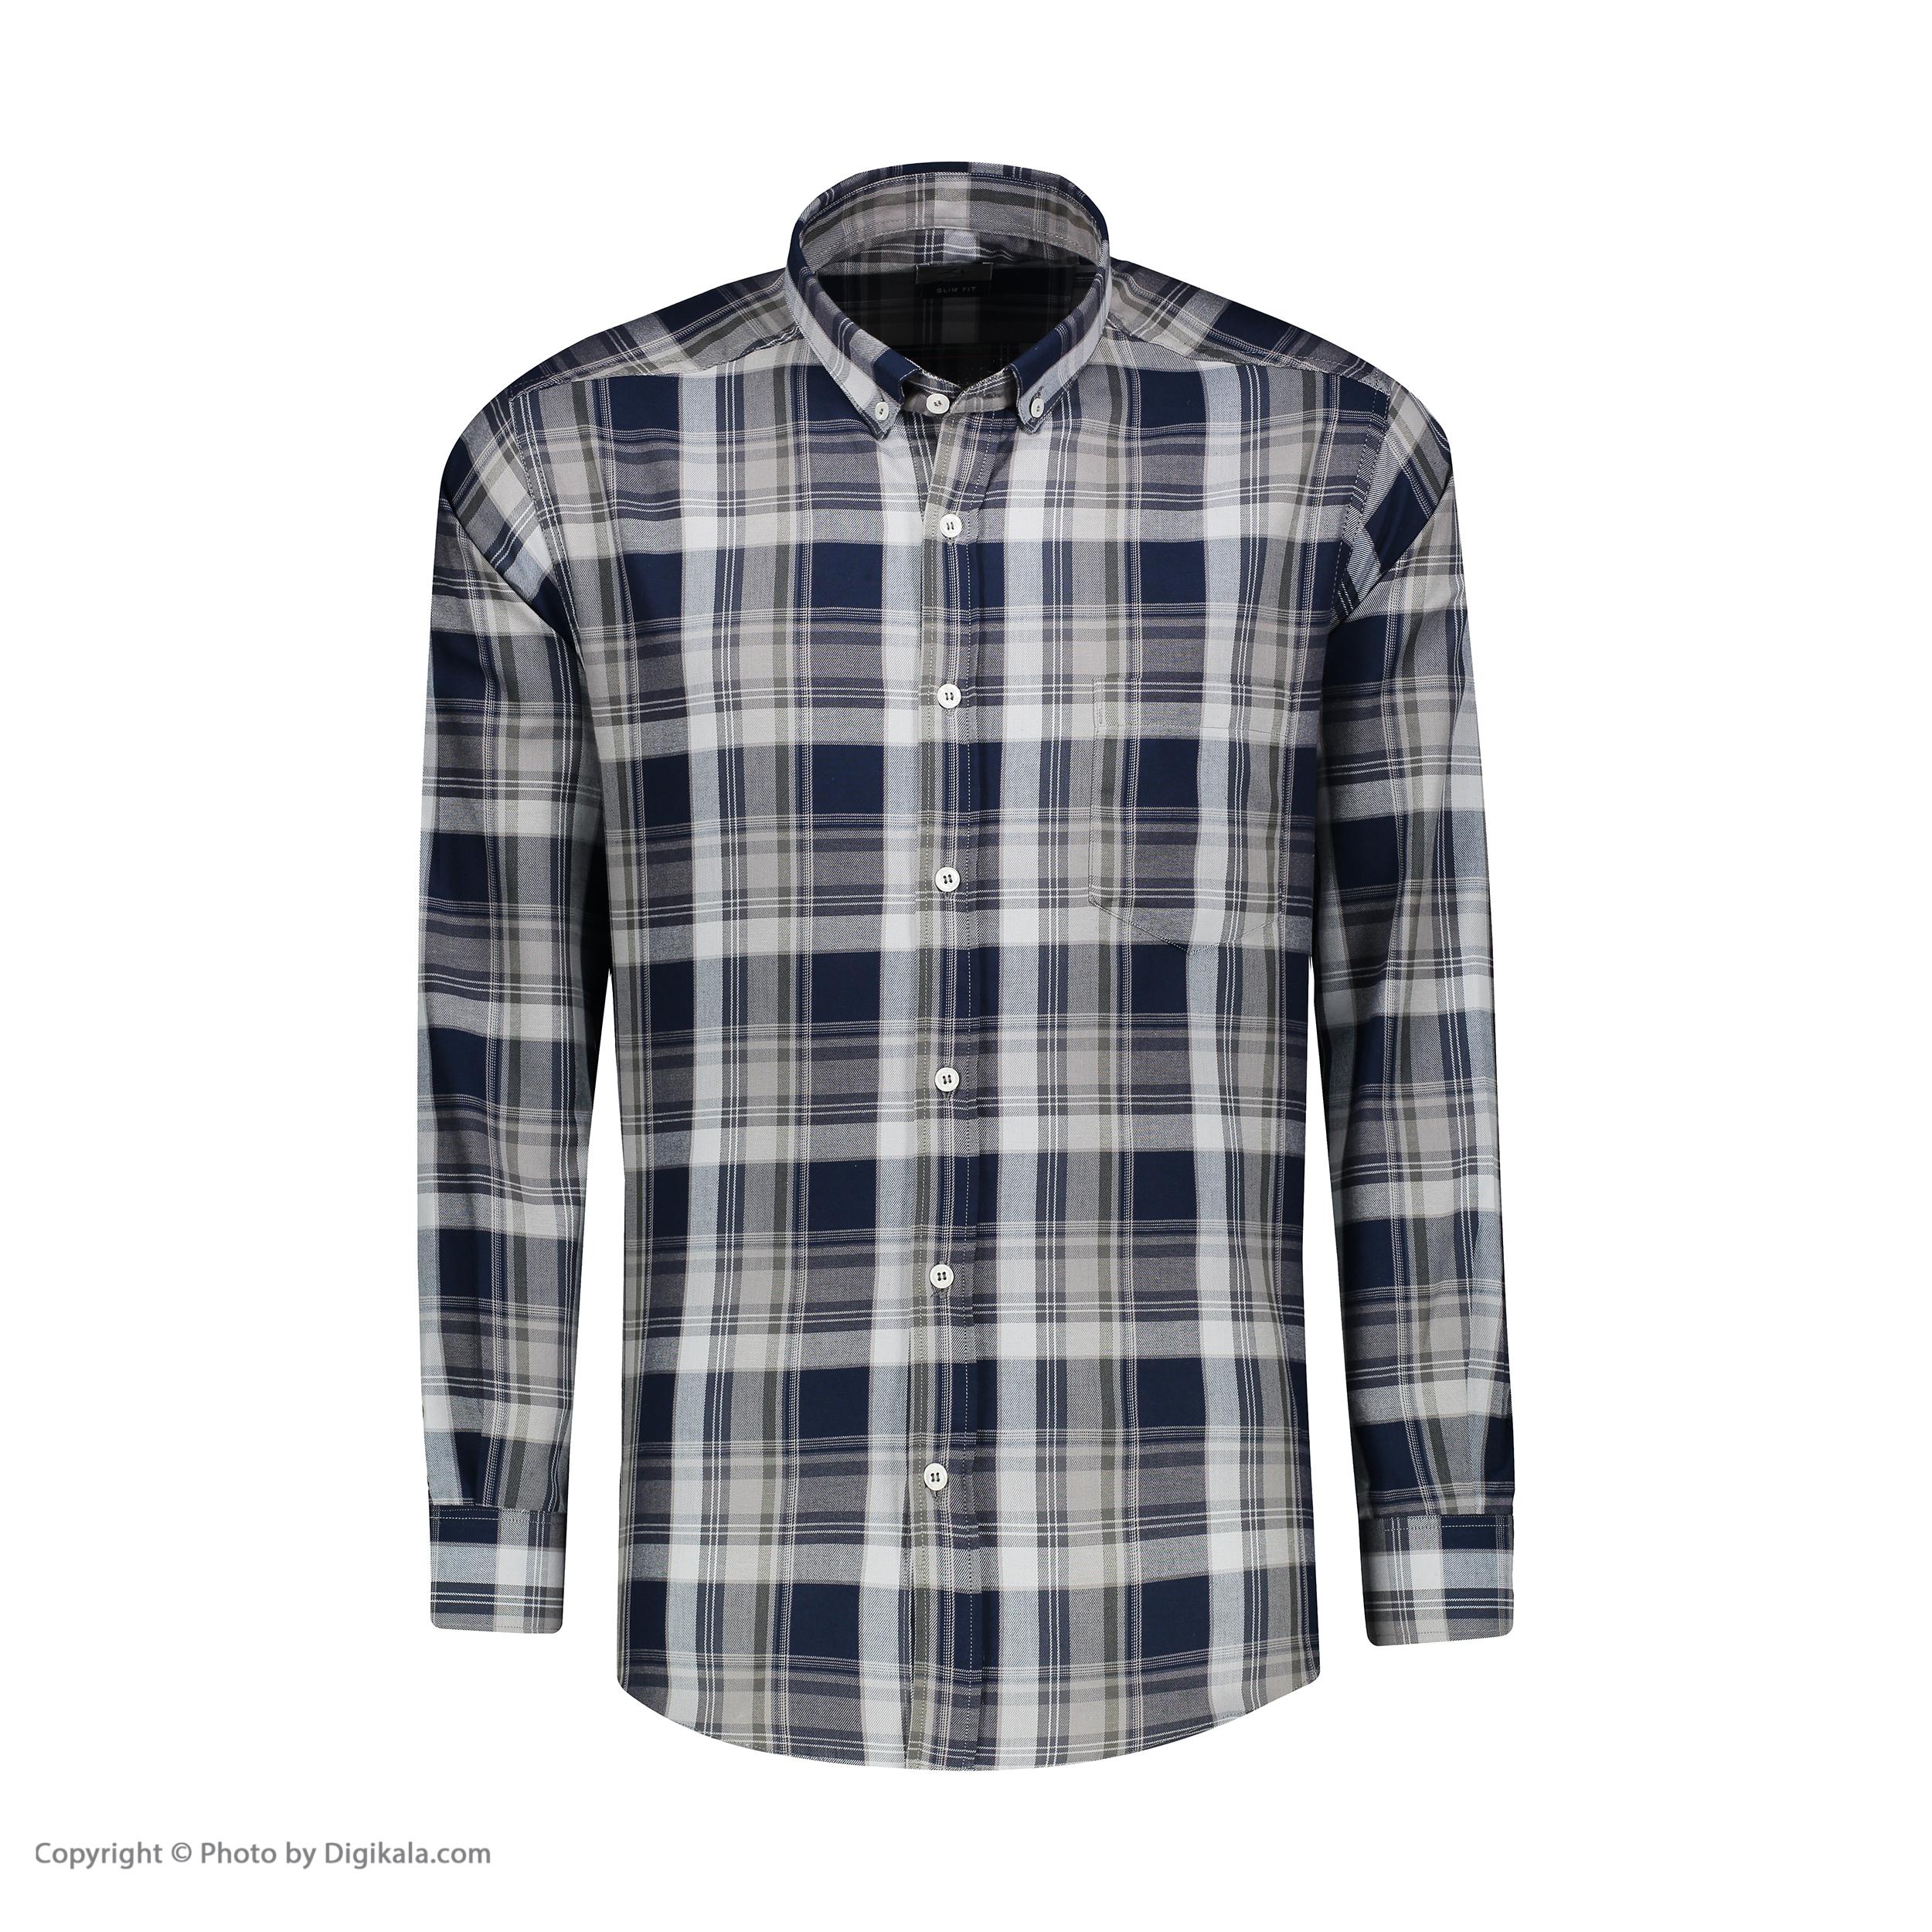 پیراهن آستین بلند مردانه زی مدل 1531342MC